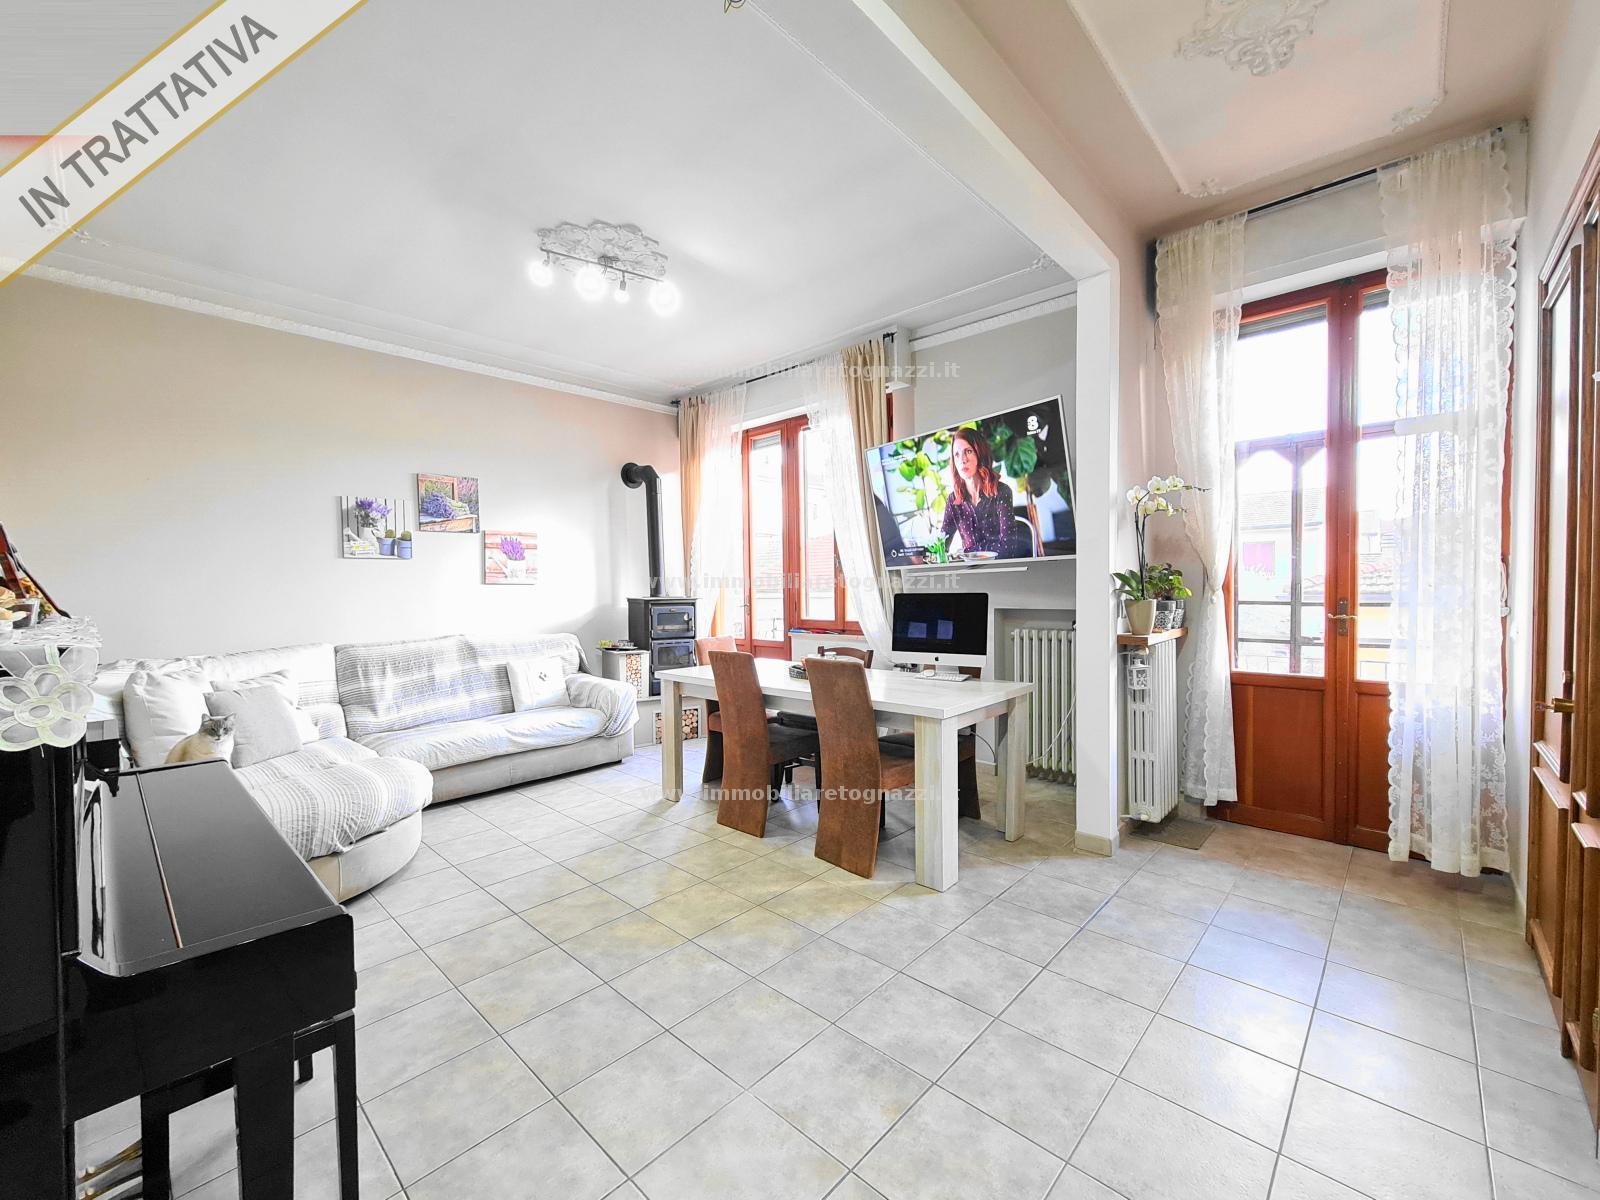 Appartamento in vendita a Certaldo, 5 locali, prezzo € 188.000   CambioCasa.it